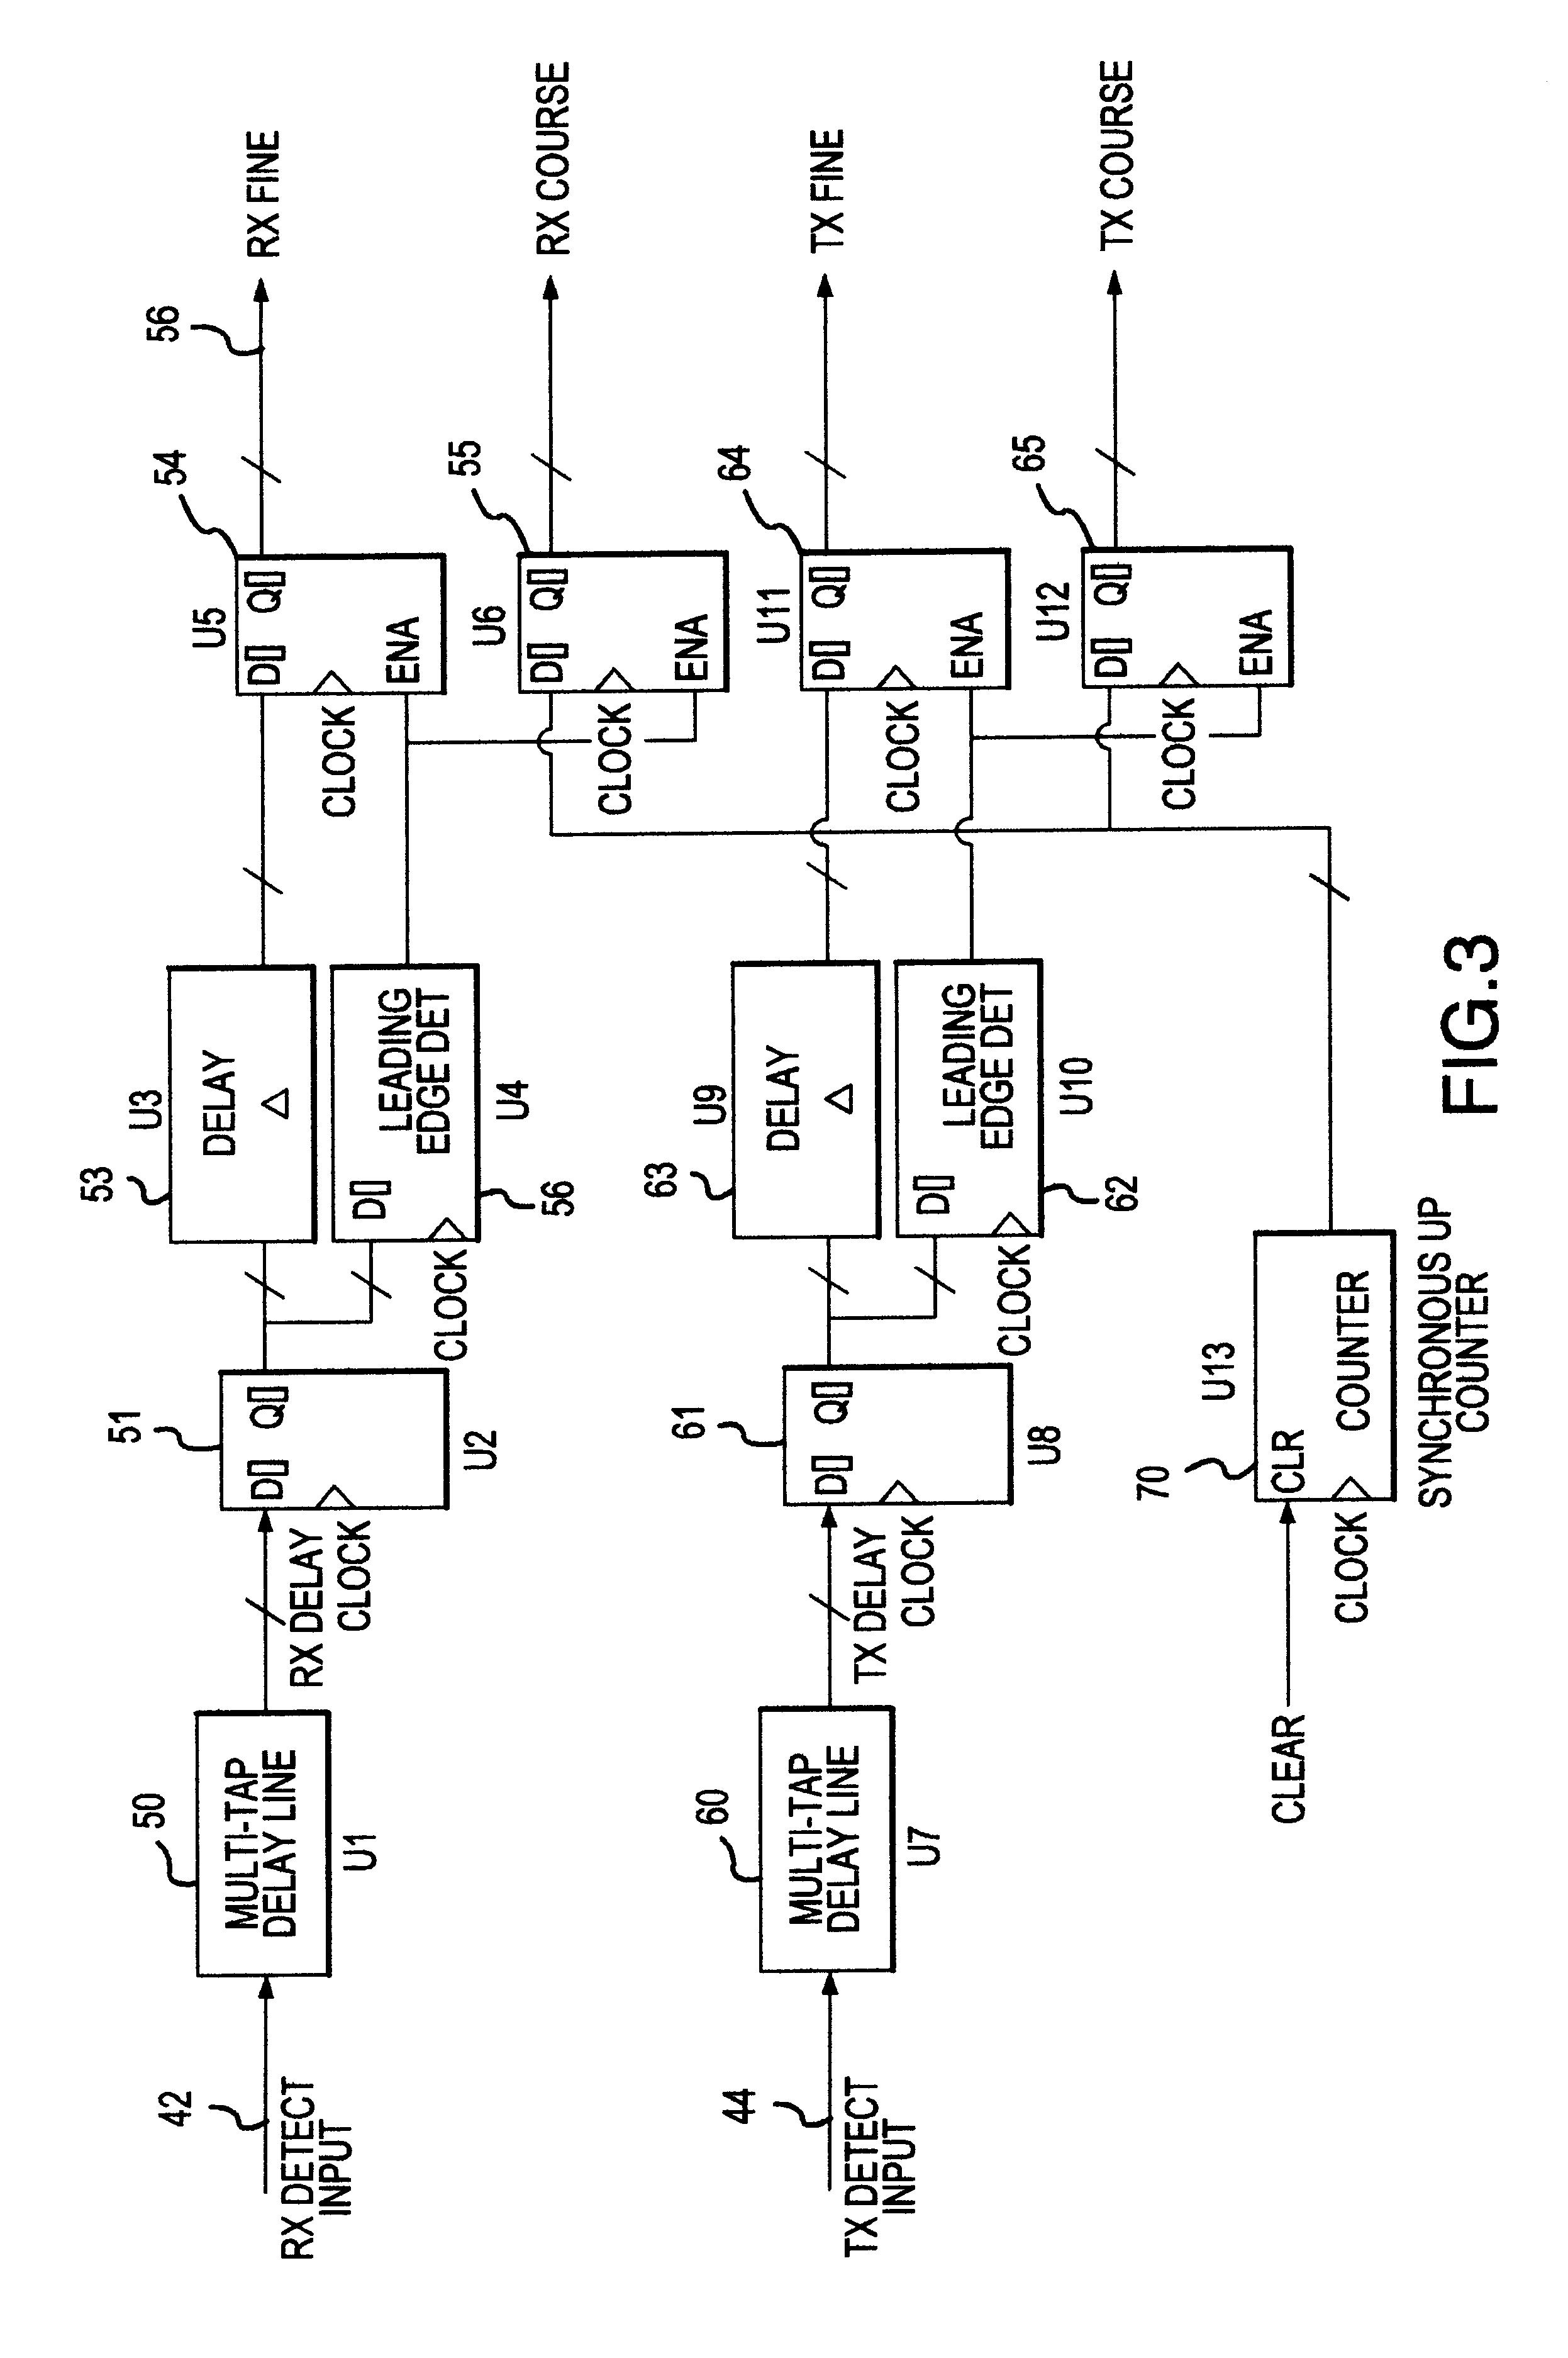 patent us6239741